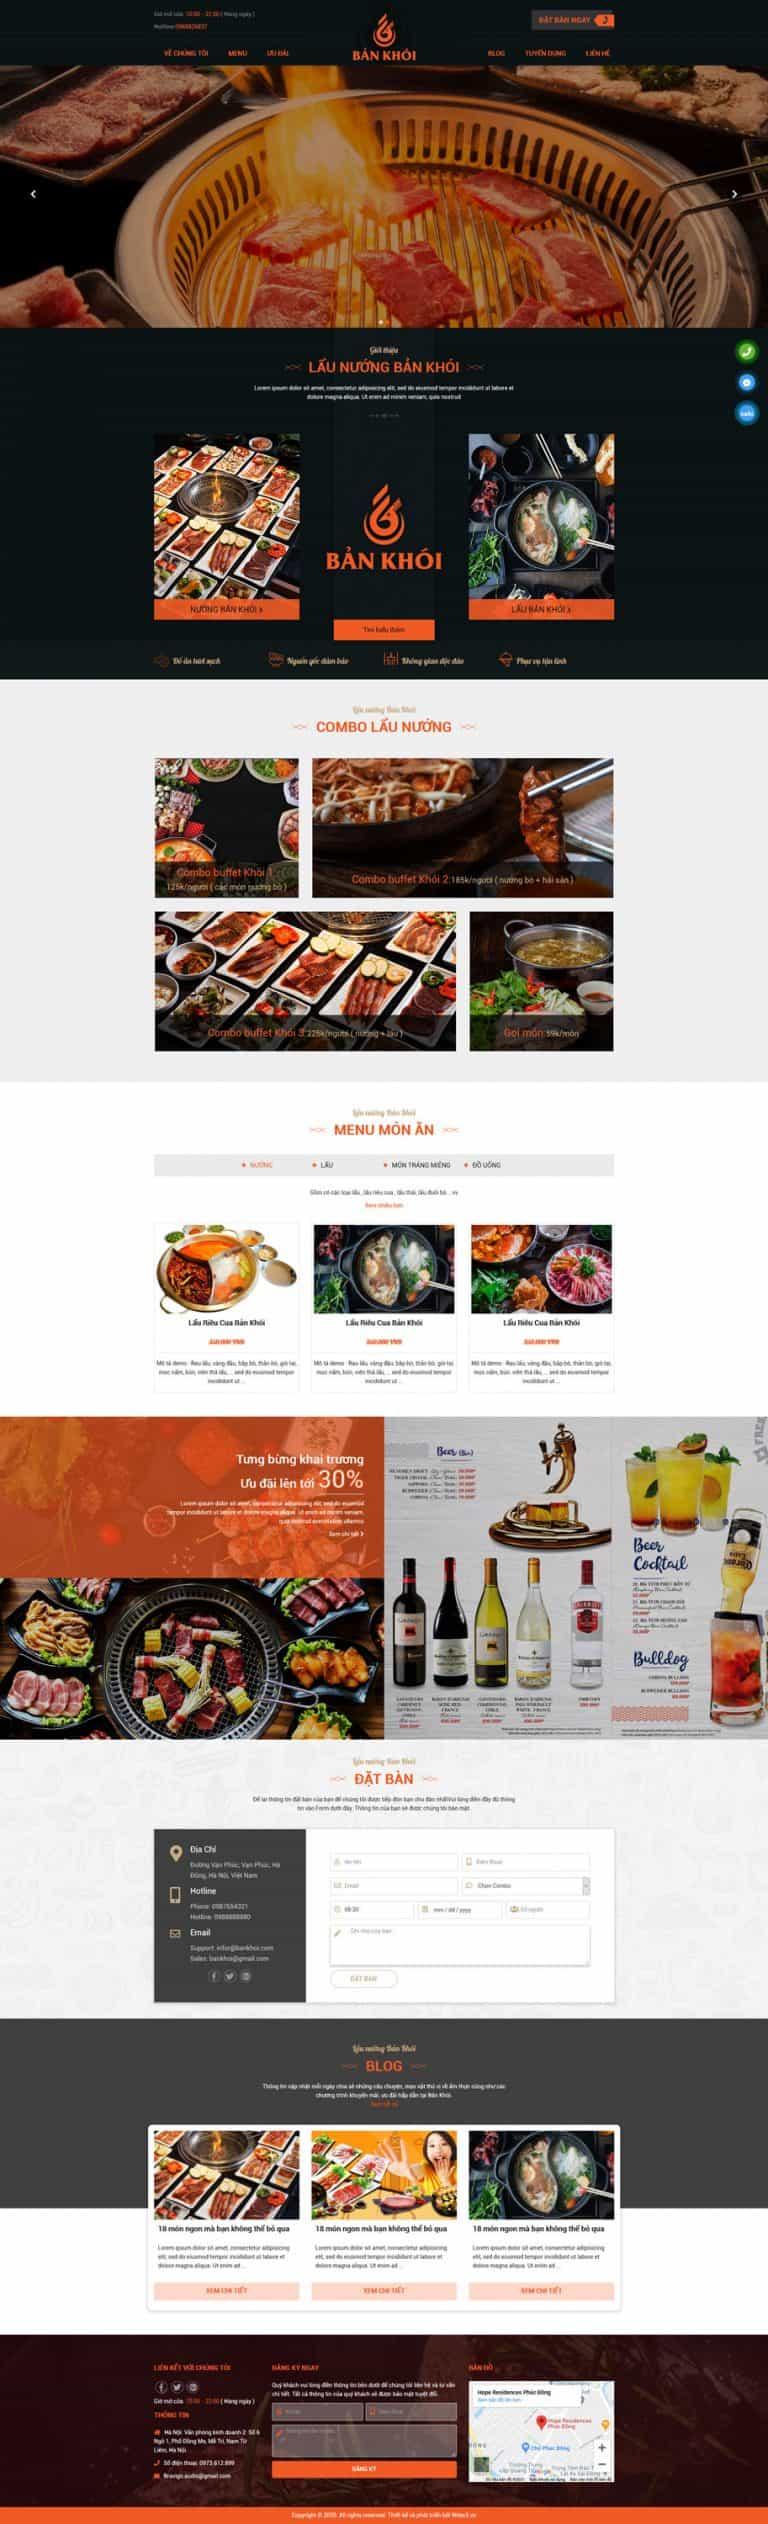 Thiết kế website Nhà hàng lẩu nướng Bản Khói